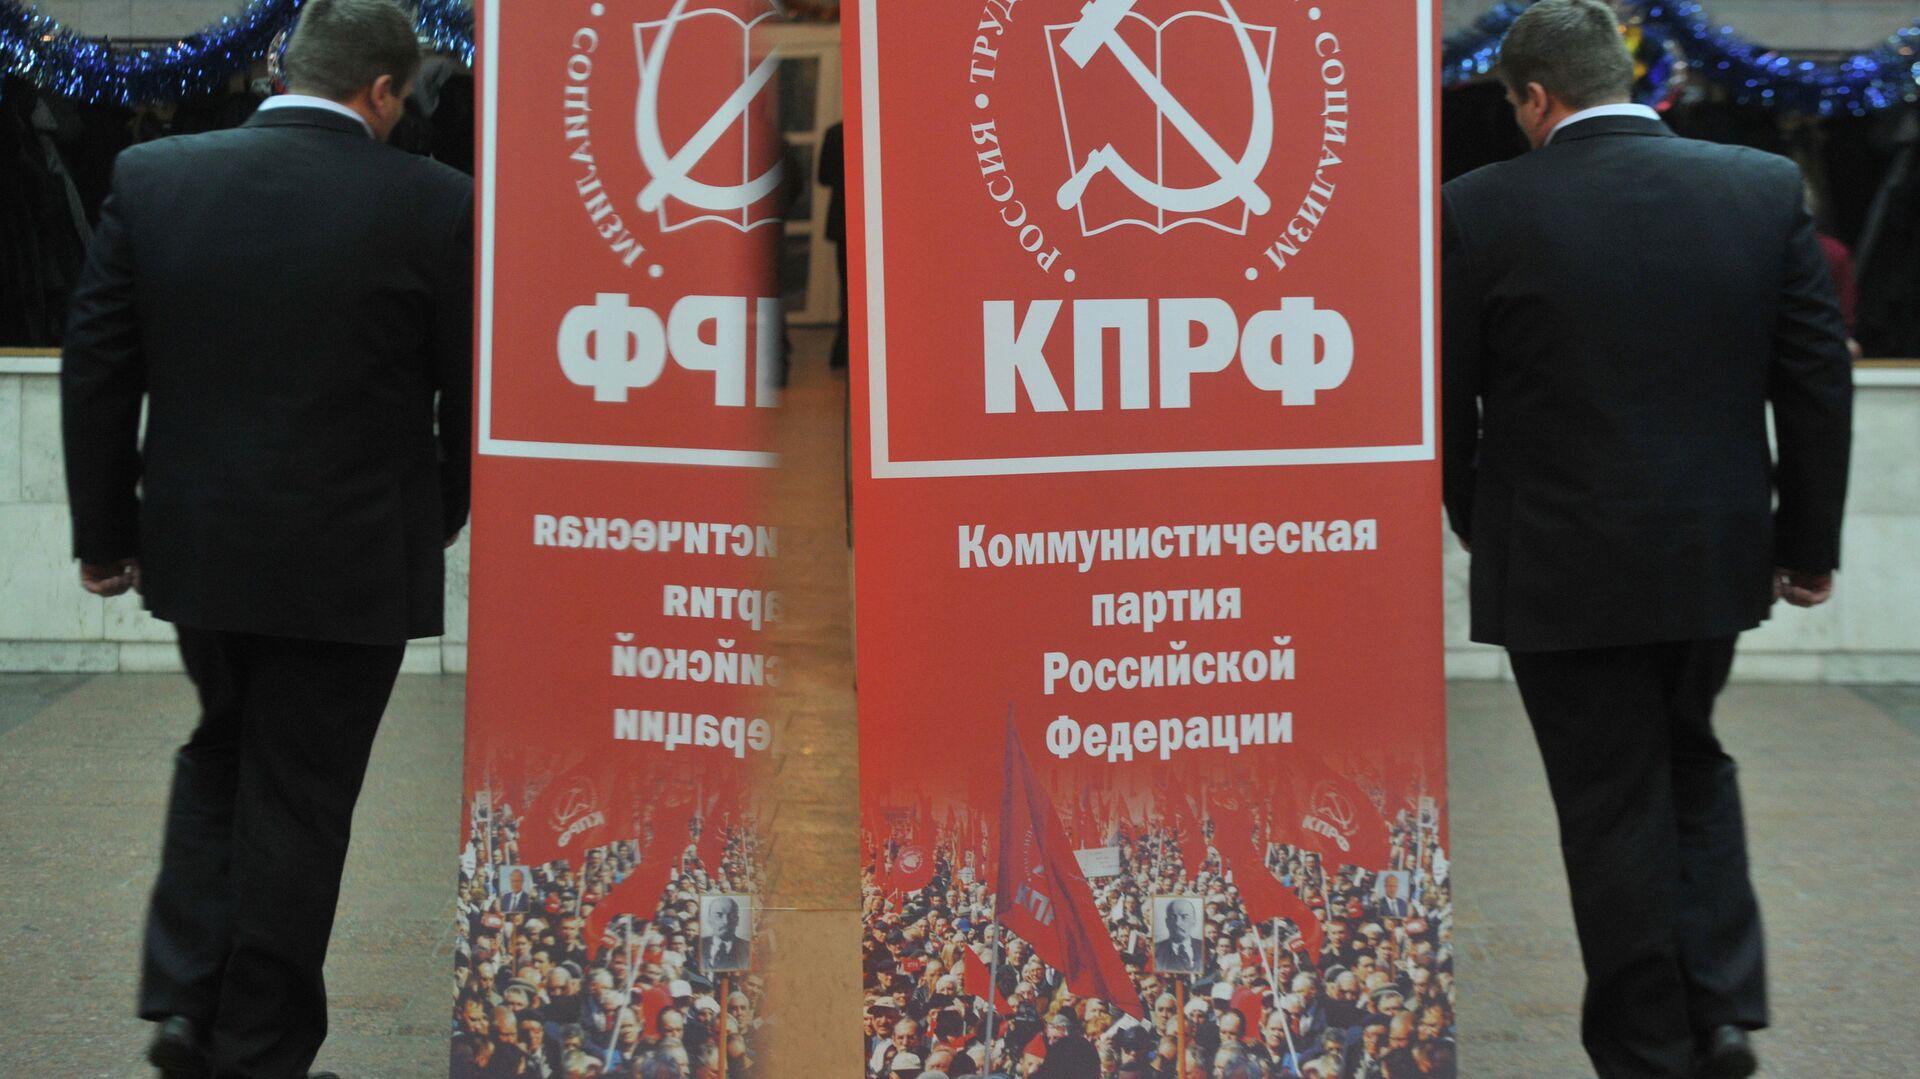 Съезд партии КПРФ - РИА Новости, 1920, 20.01.2021